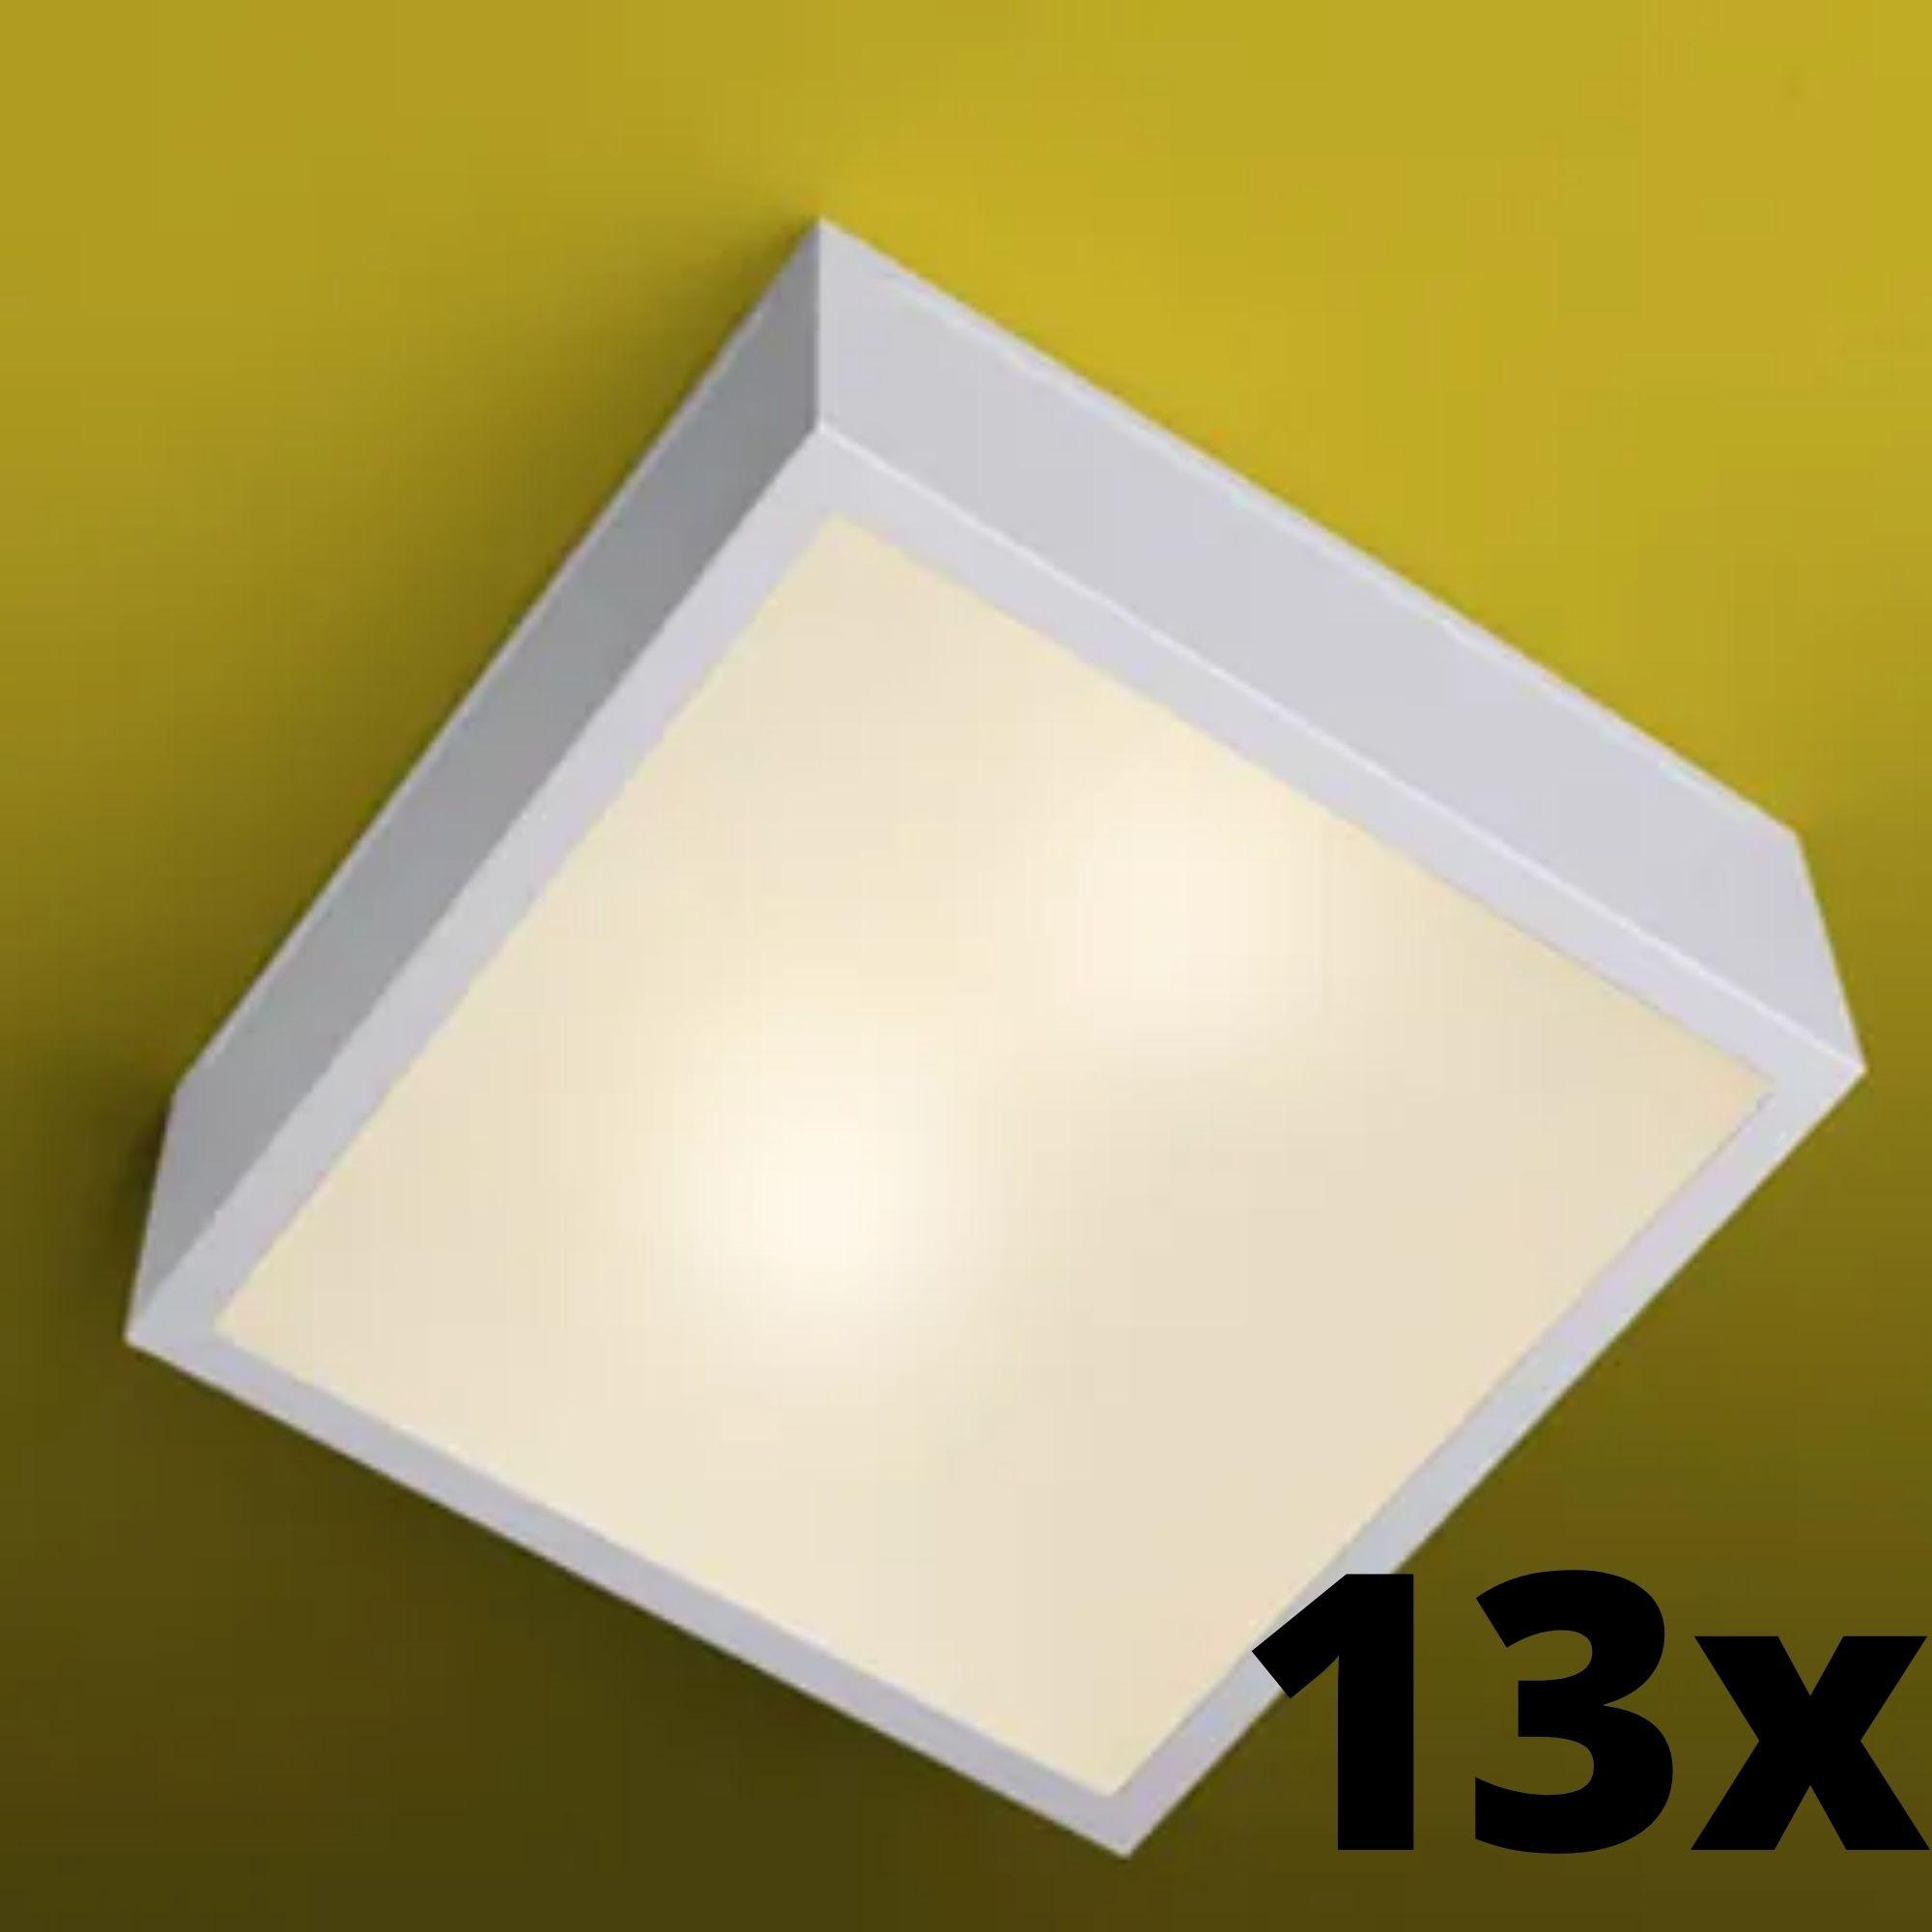 Kit 13 und Ideal Plafon Quadrado Branco em Alumínio 660 2 Lâmpadas E-27